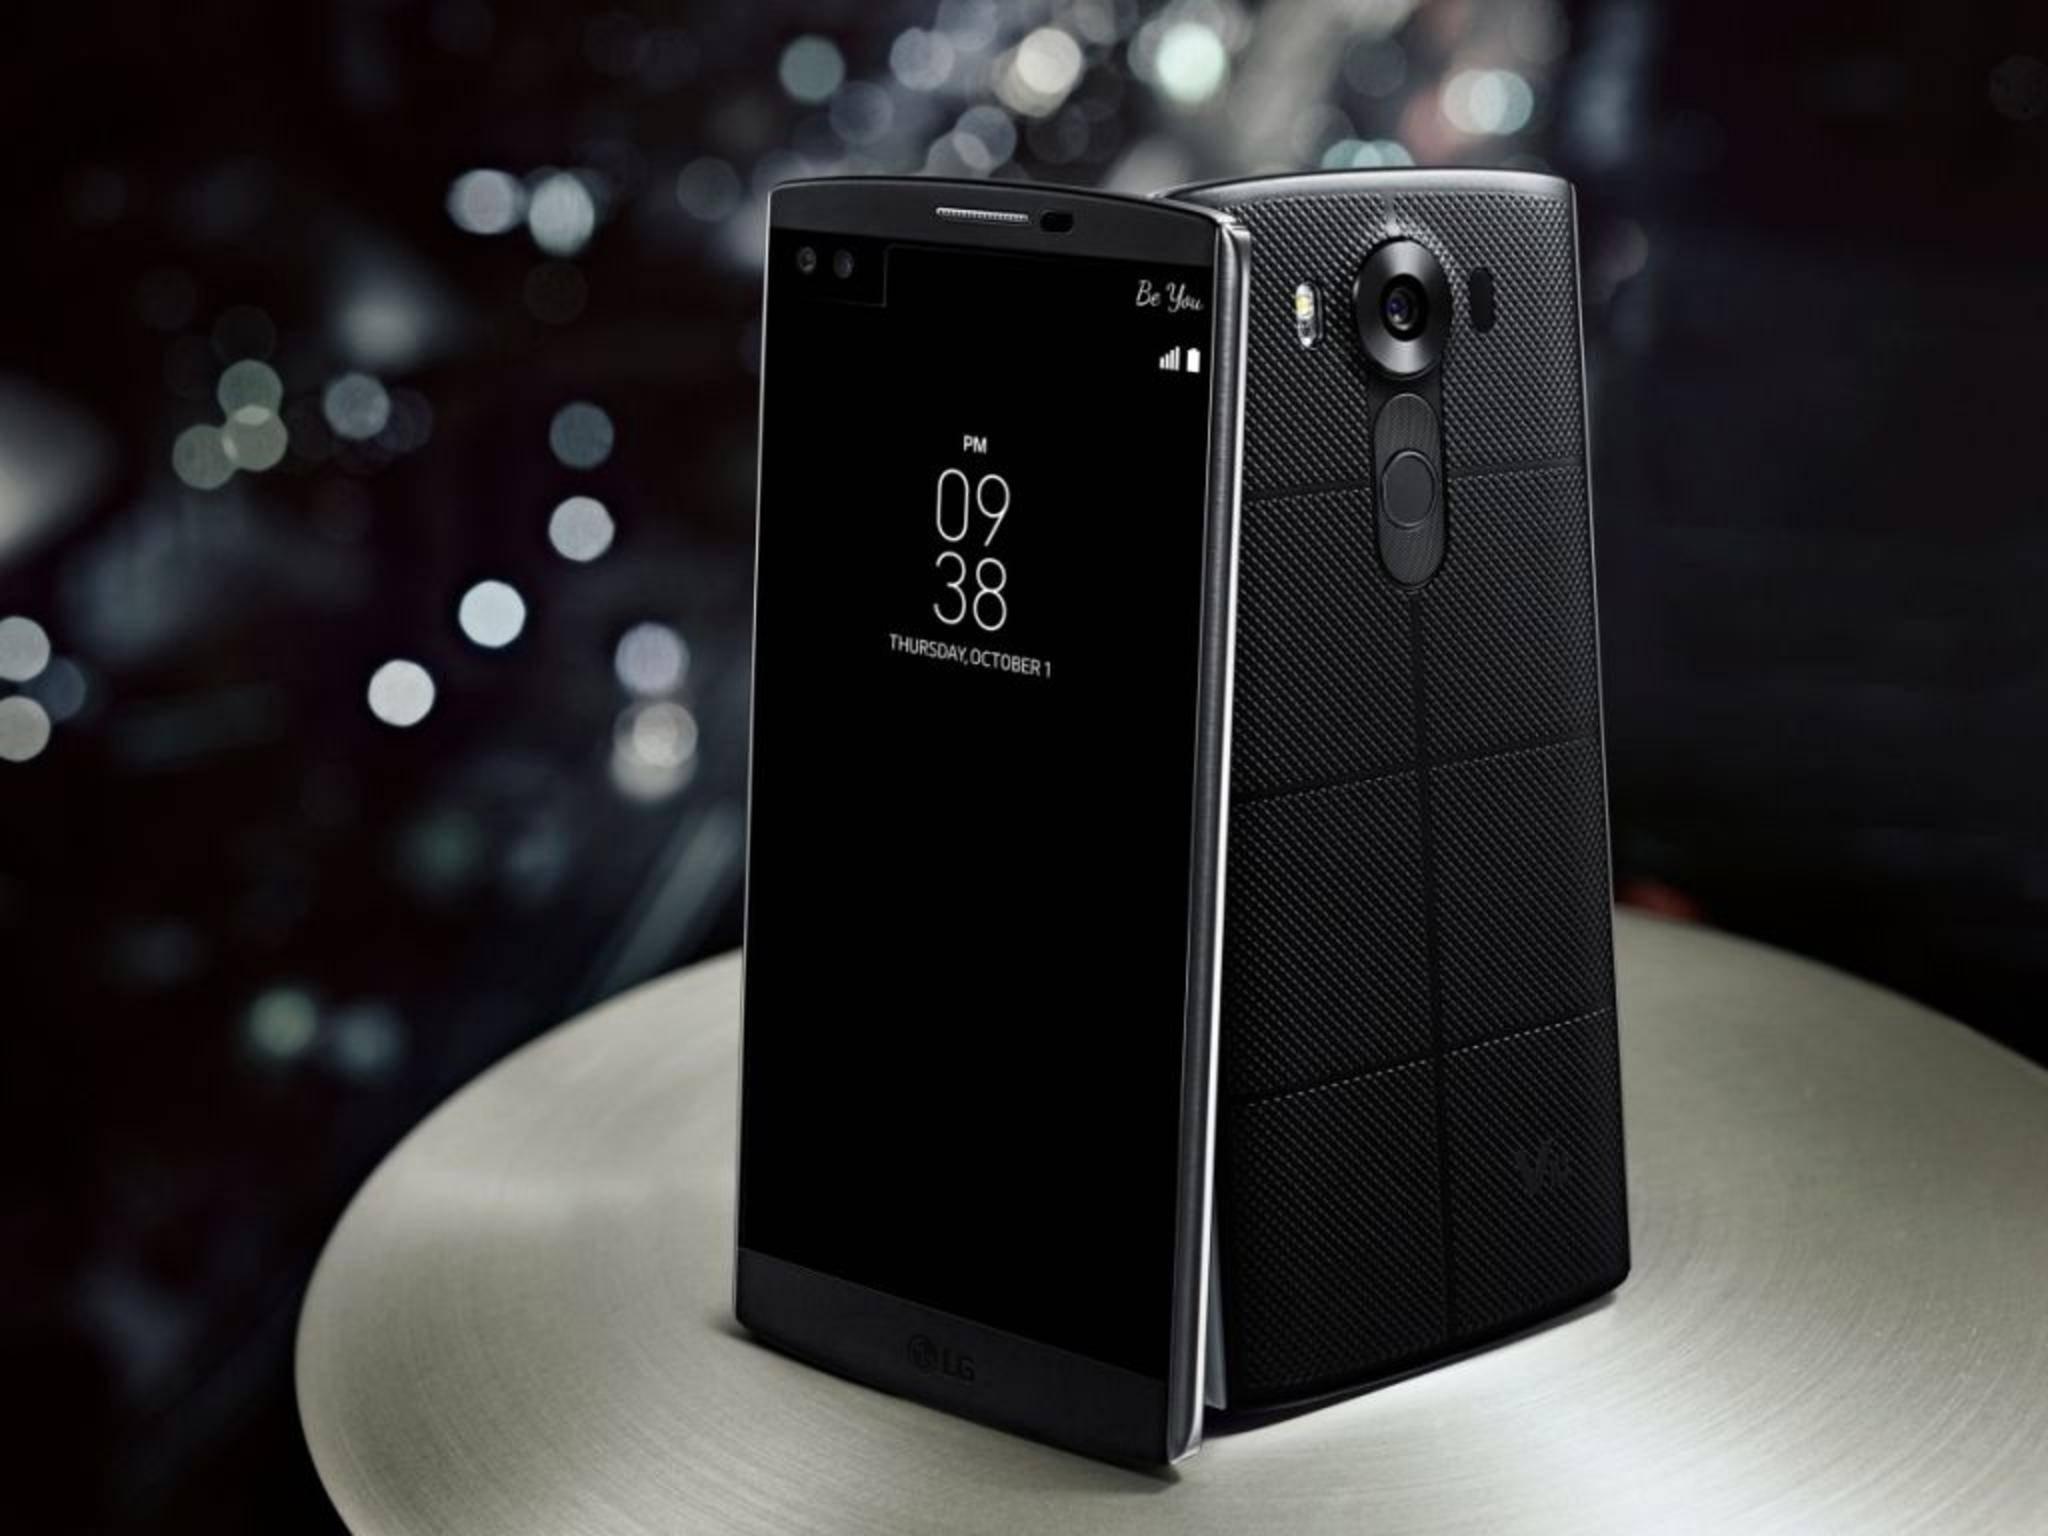 Ende Dezember erfolgt der Release des LG V10 in Deutschland.